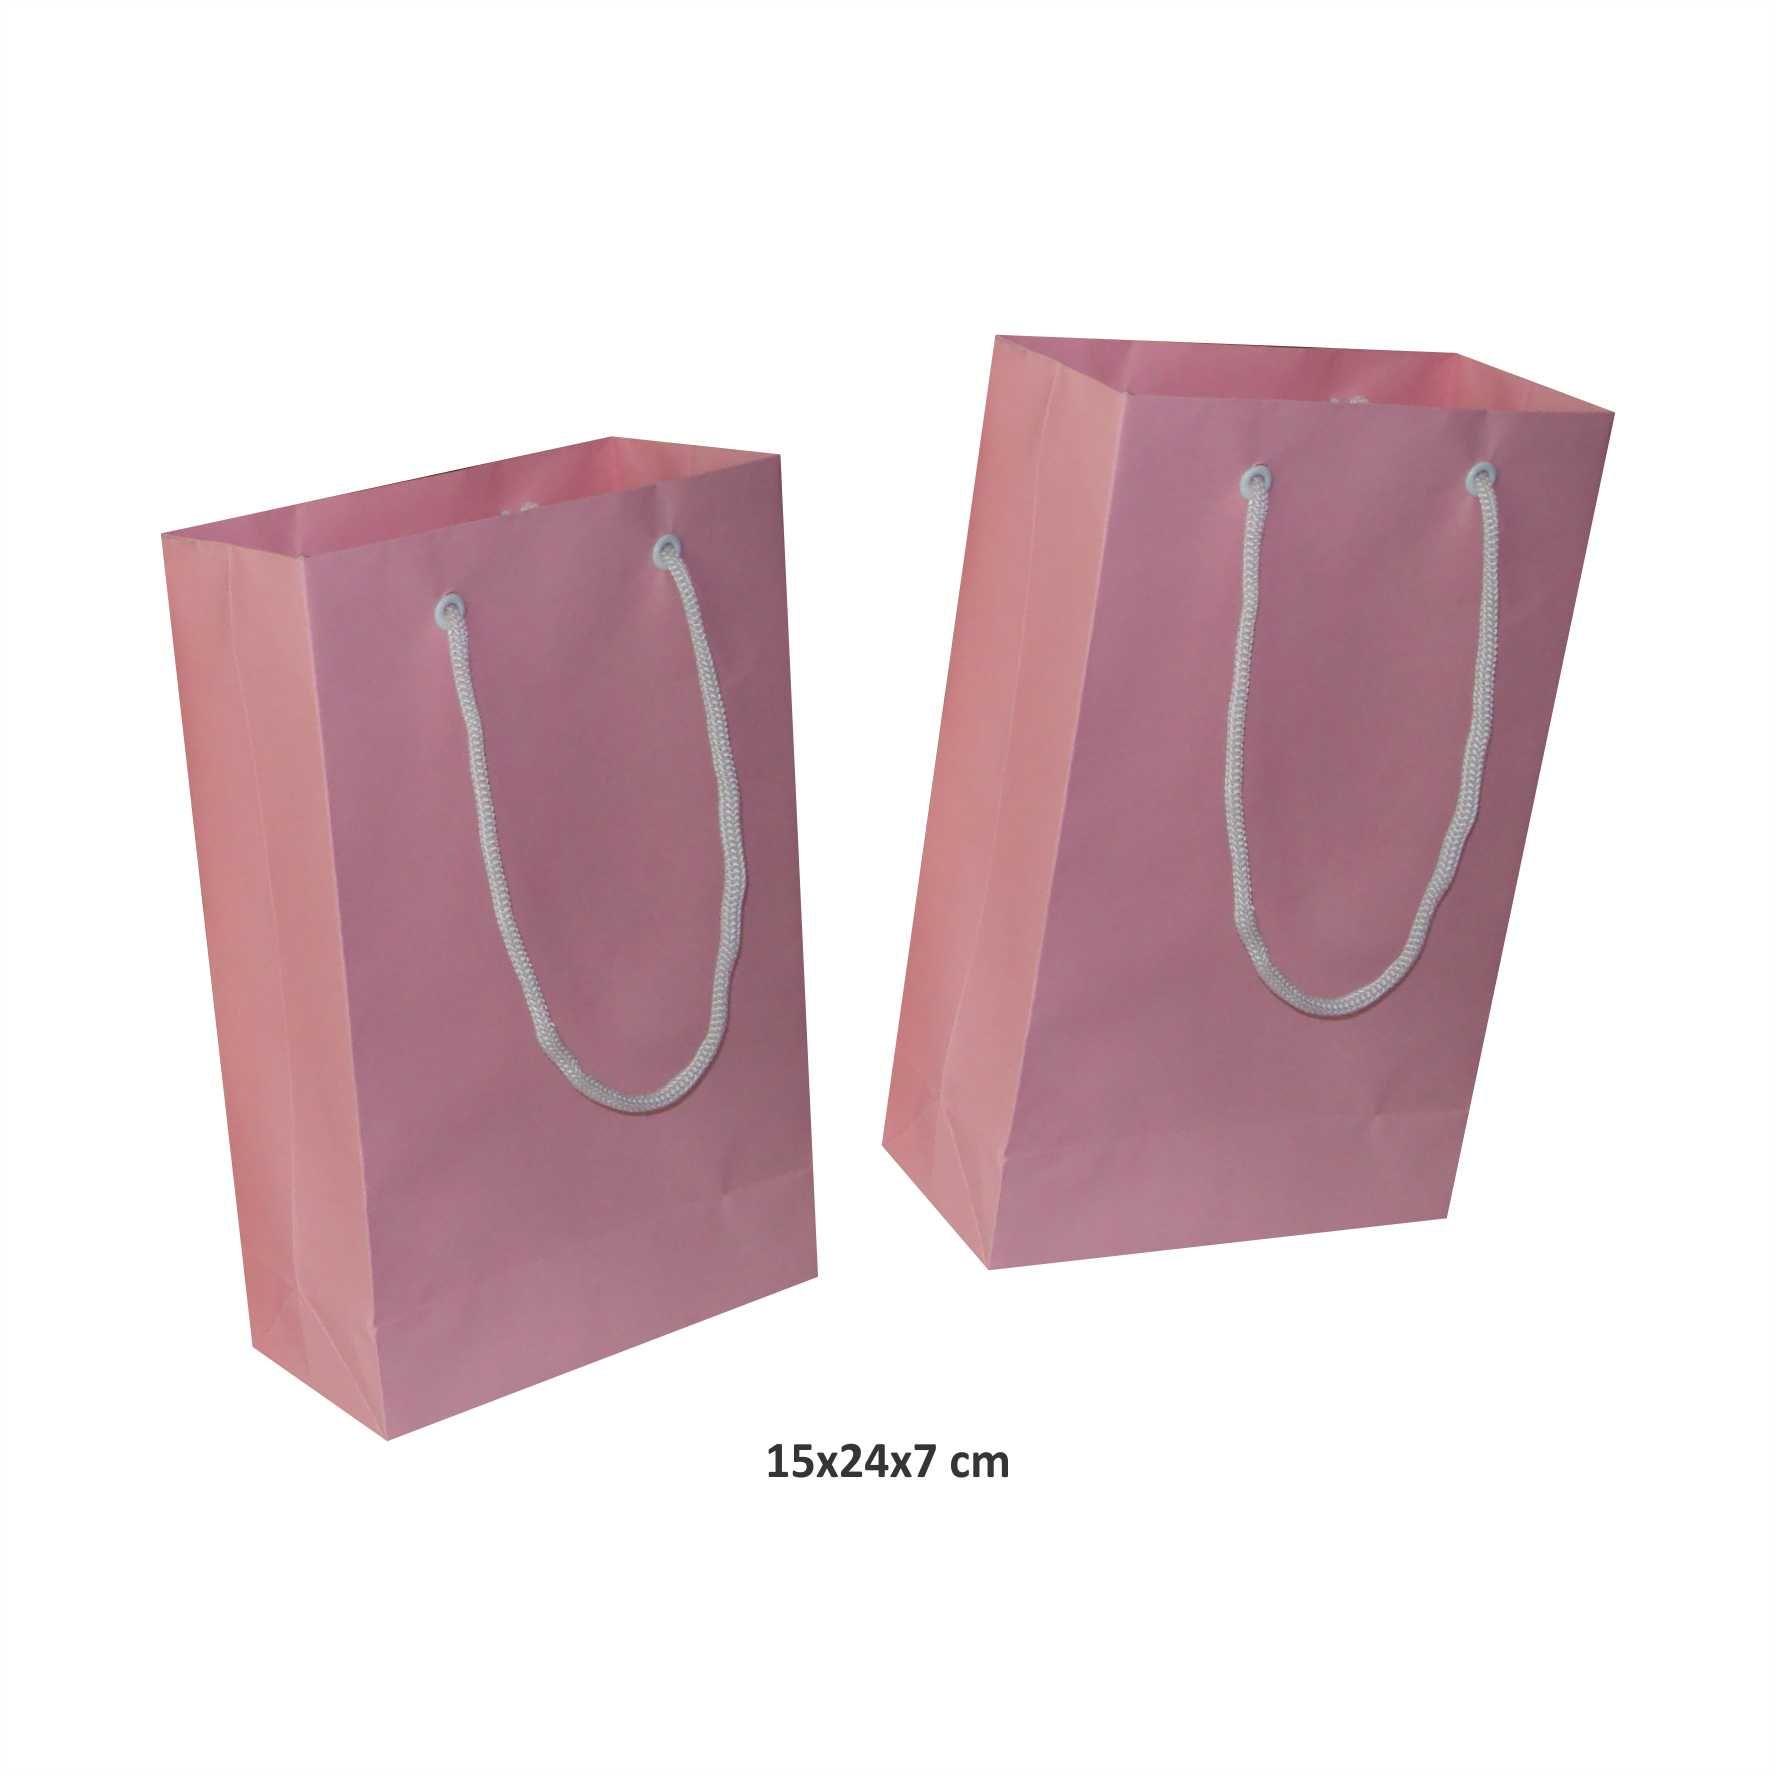 Sacola de papel (15x24x7 cm) pequena - cor rosa - 10 unidades